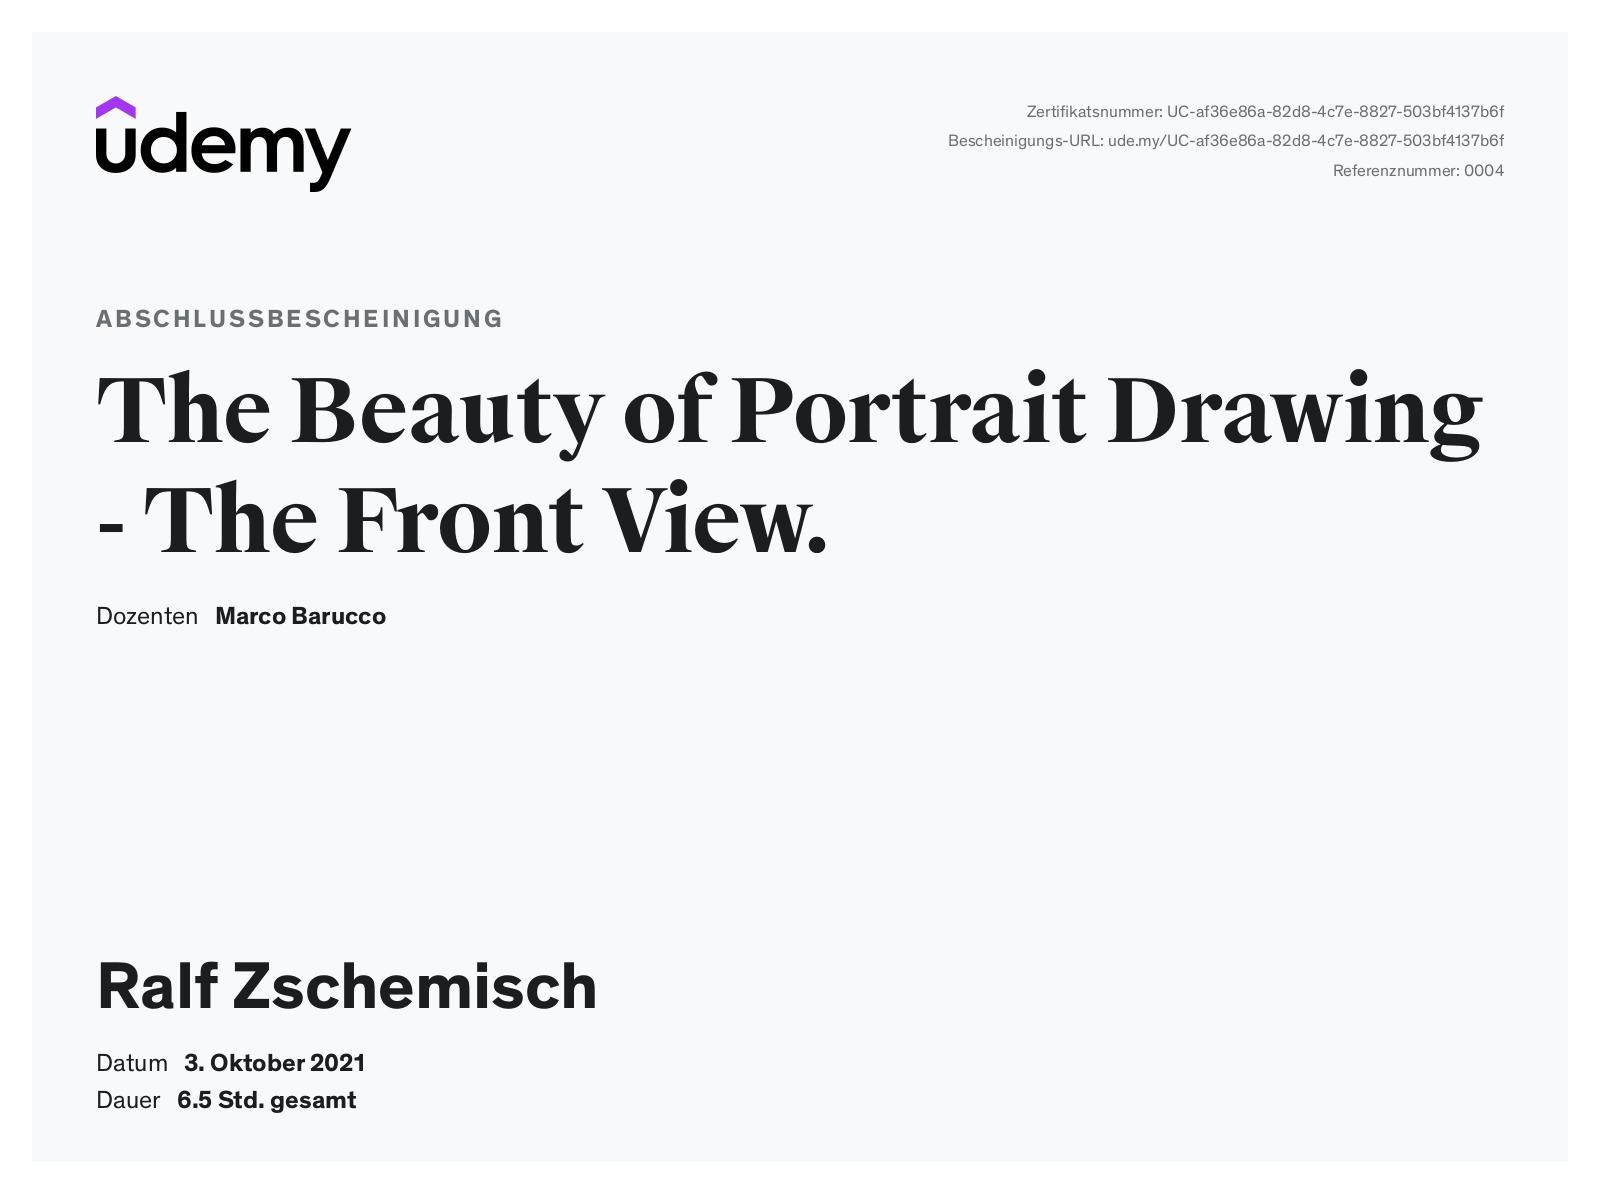 """Meine Abschlussbescheinigung für den Kurs """"The Beauty of Portrait Drawing - The Front View"""""""